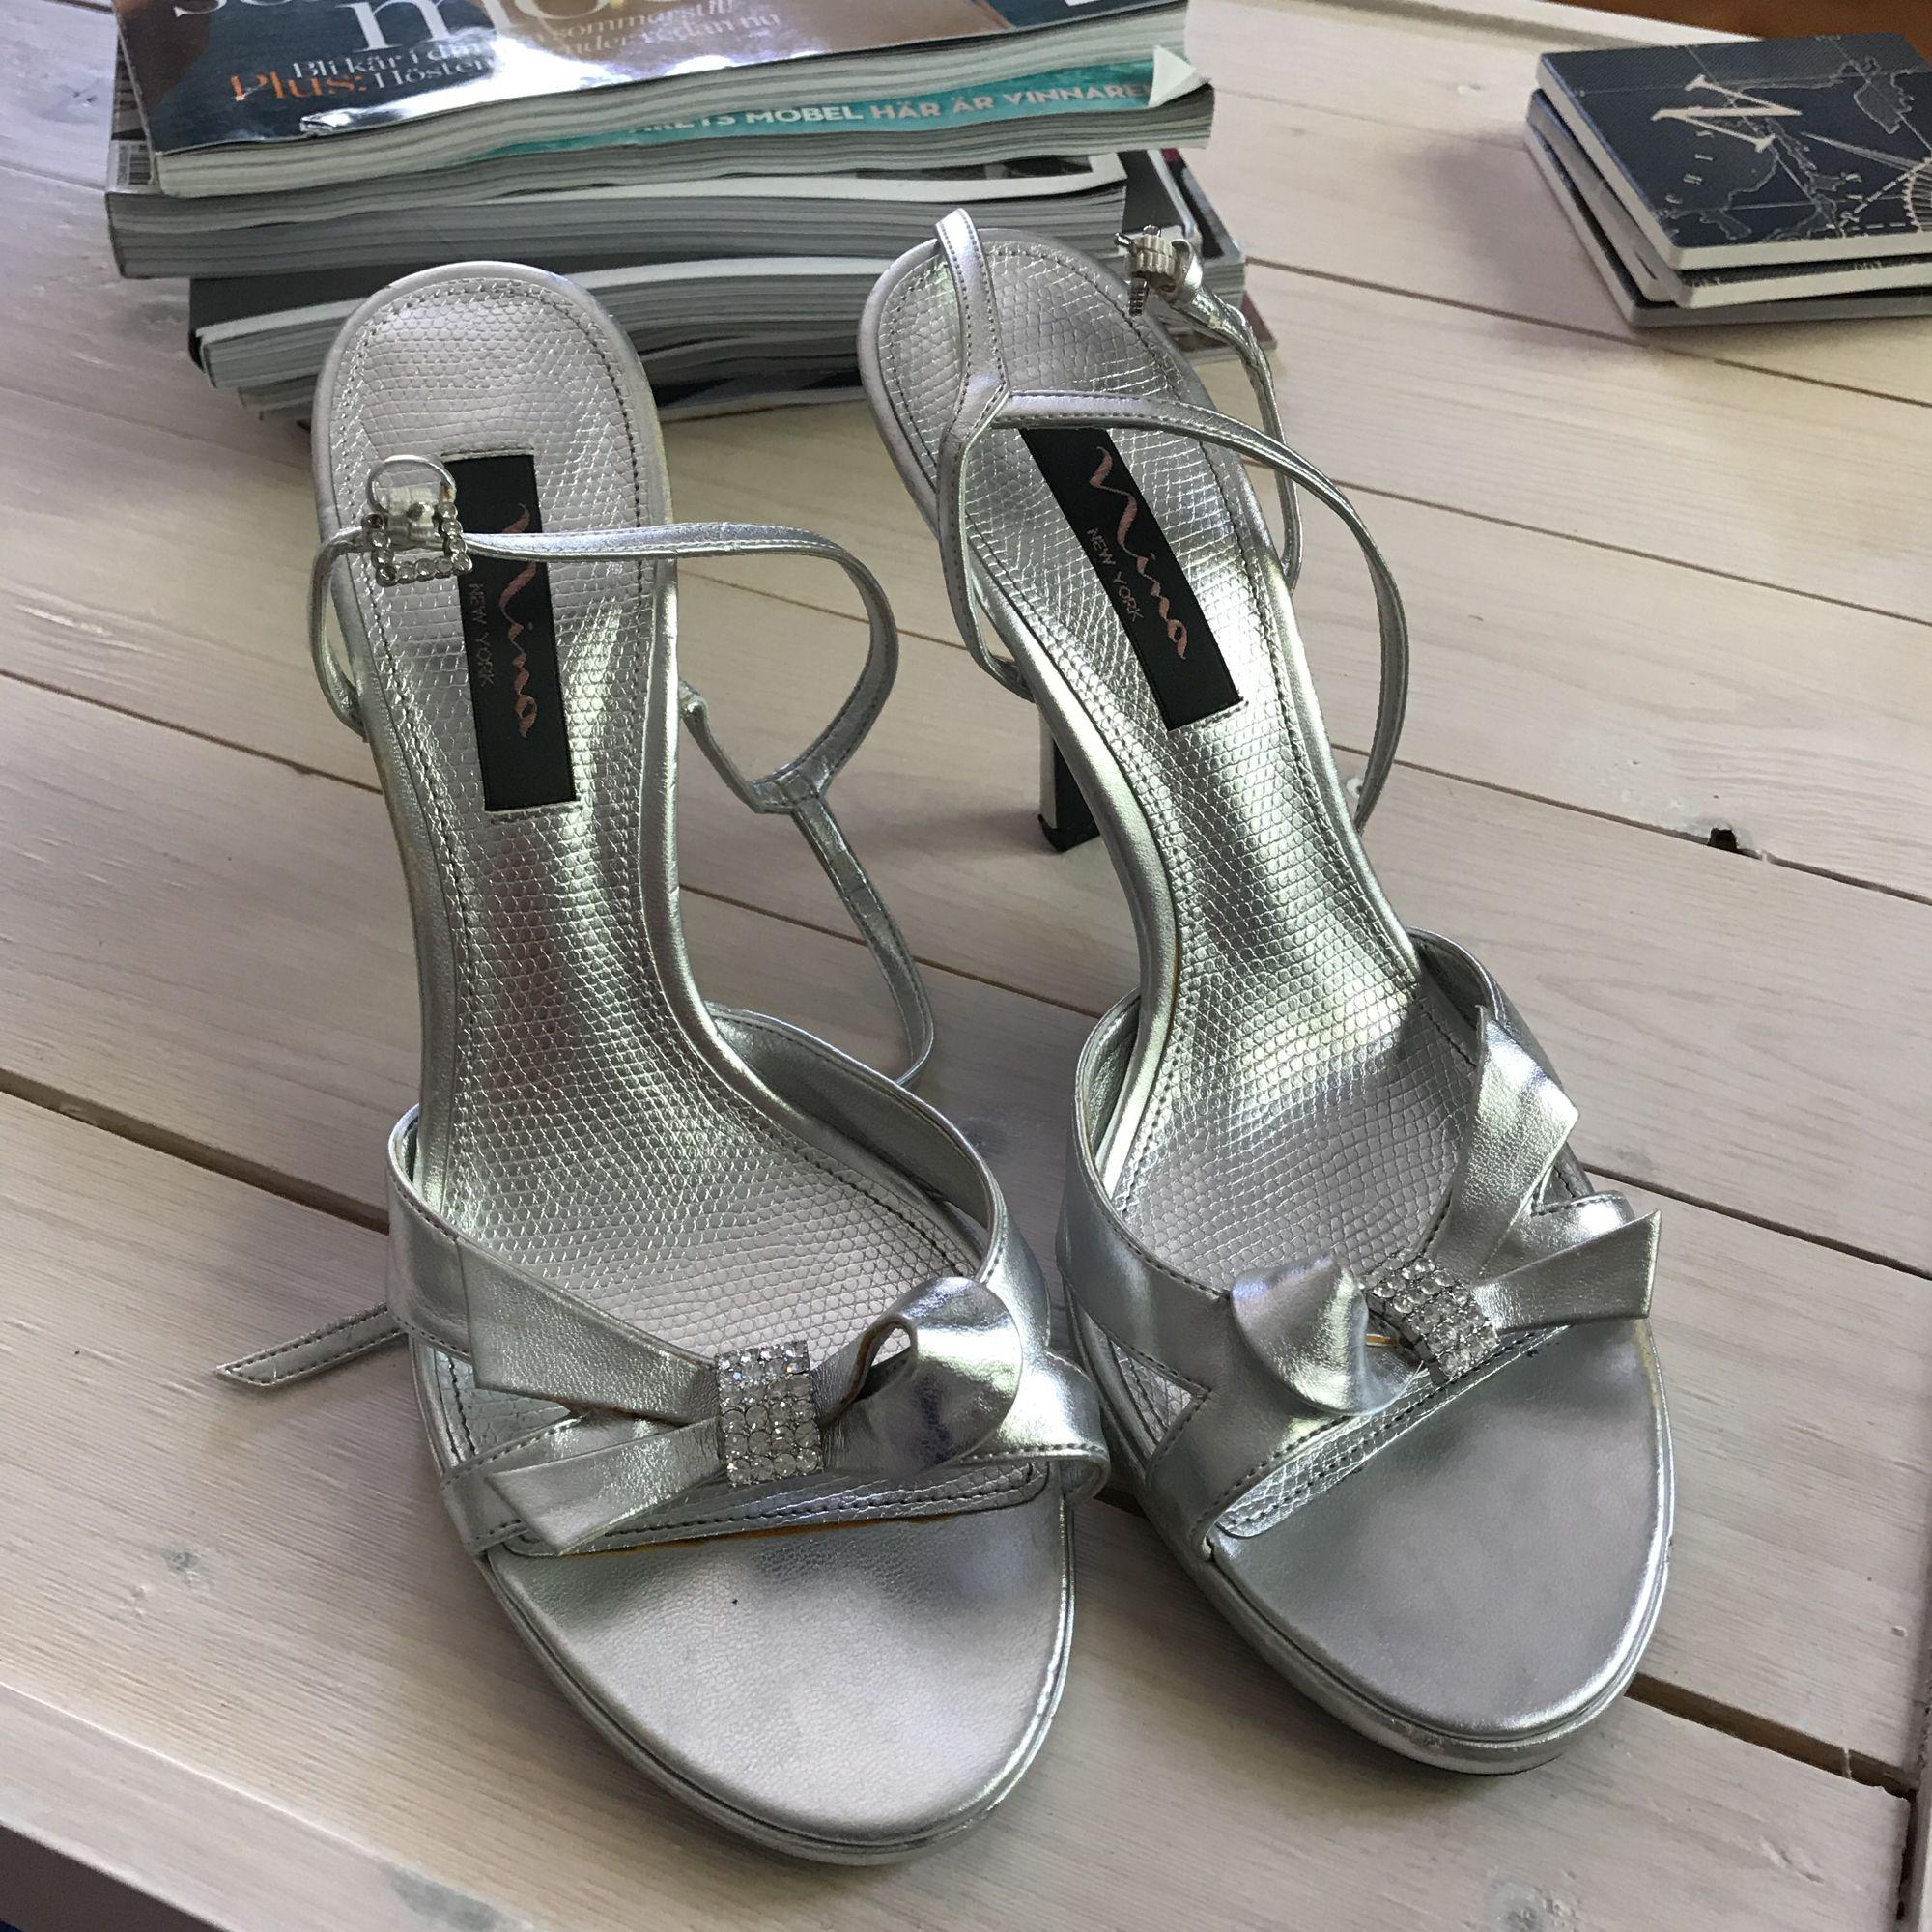 734e0bf7933 Silvriga sandaletter, köpta för 900kr i USA. Har några slitagefläckar men  syns bara på ...